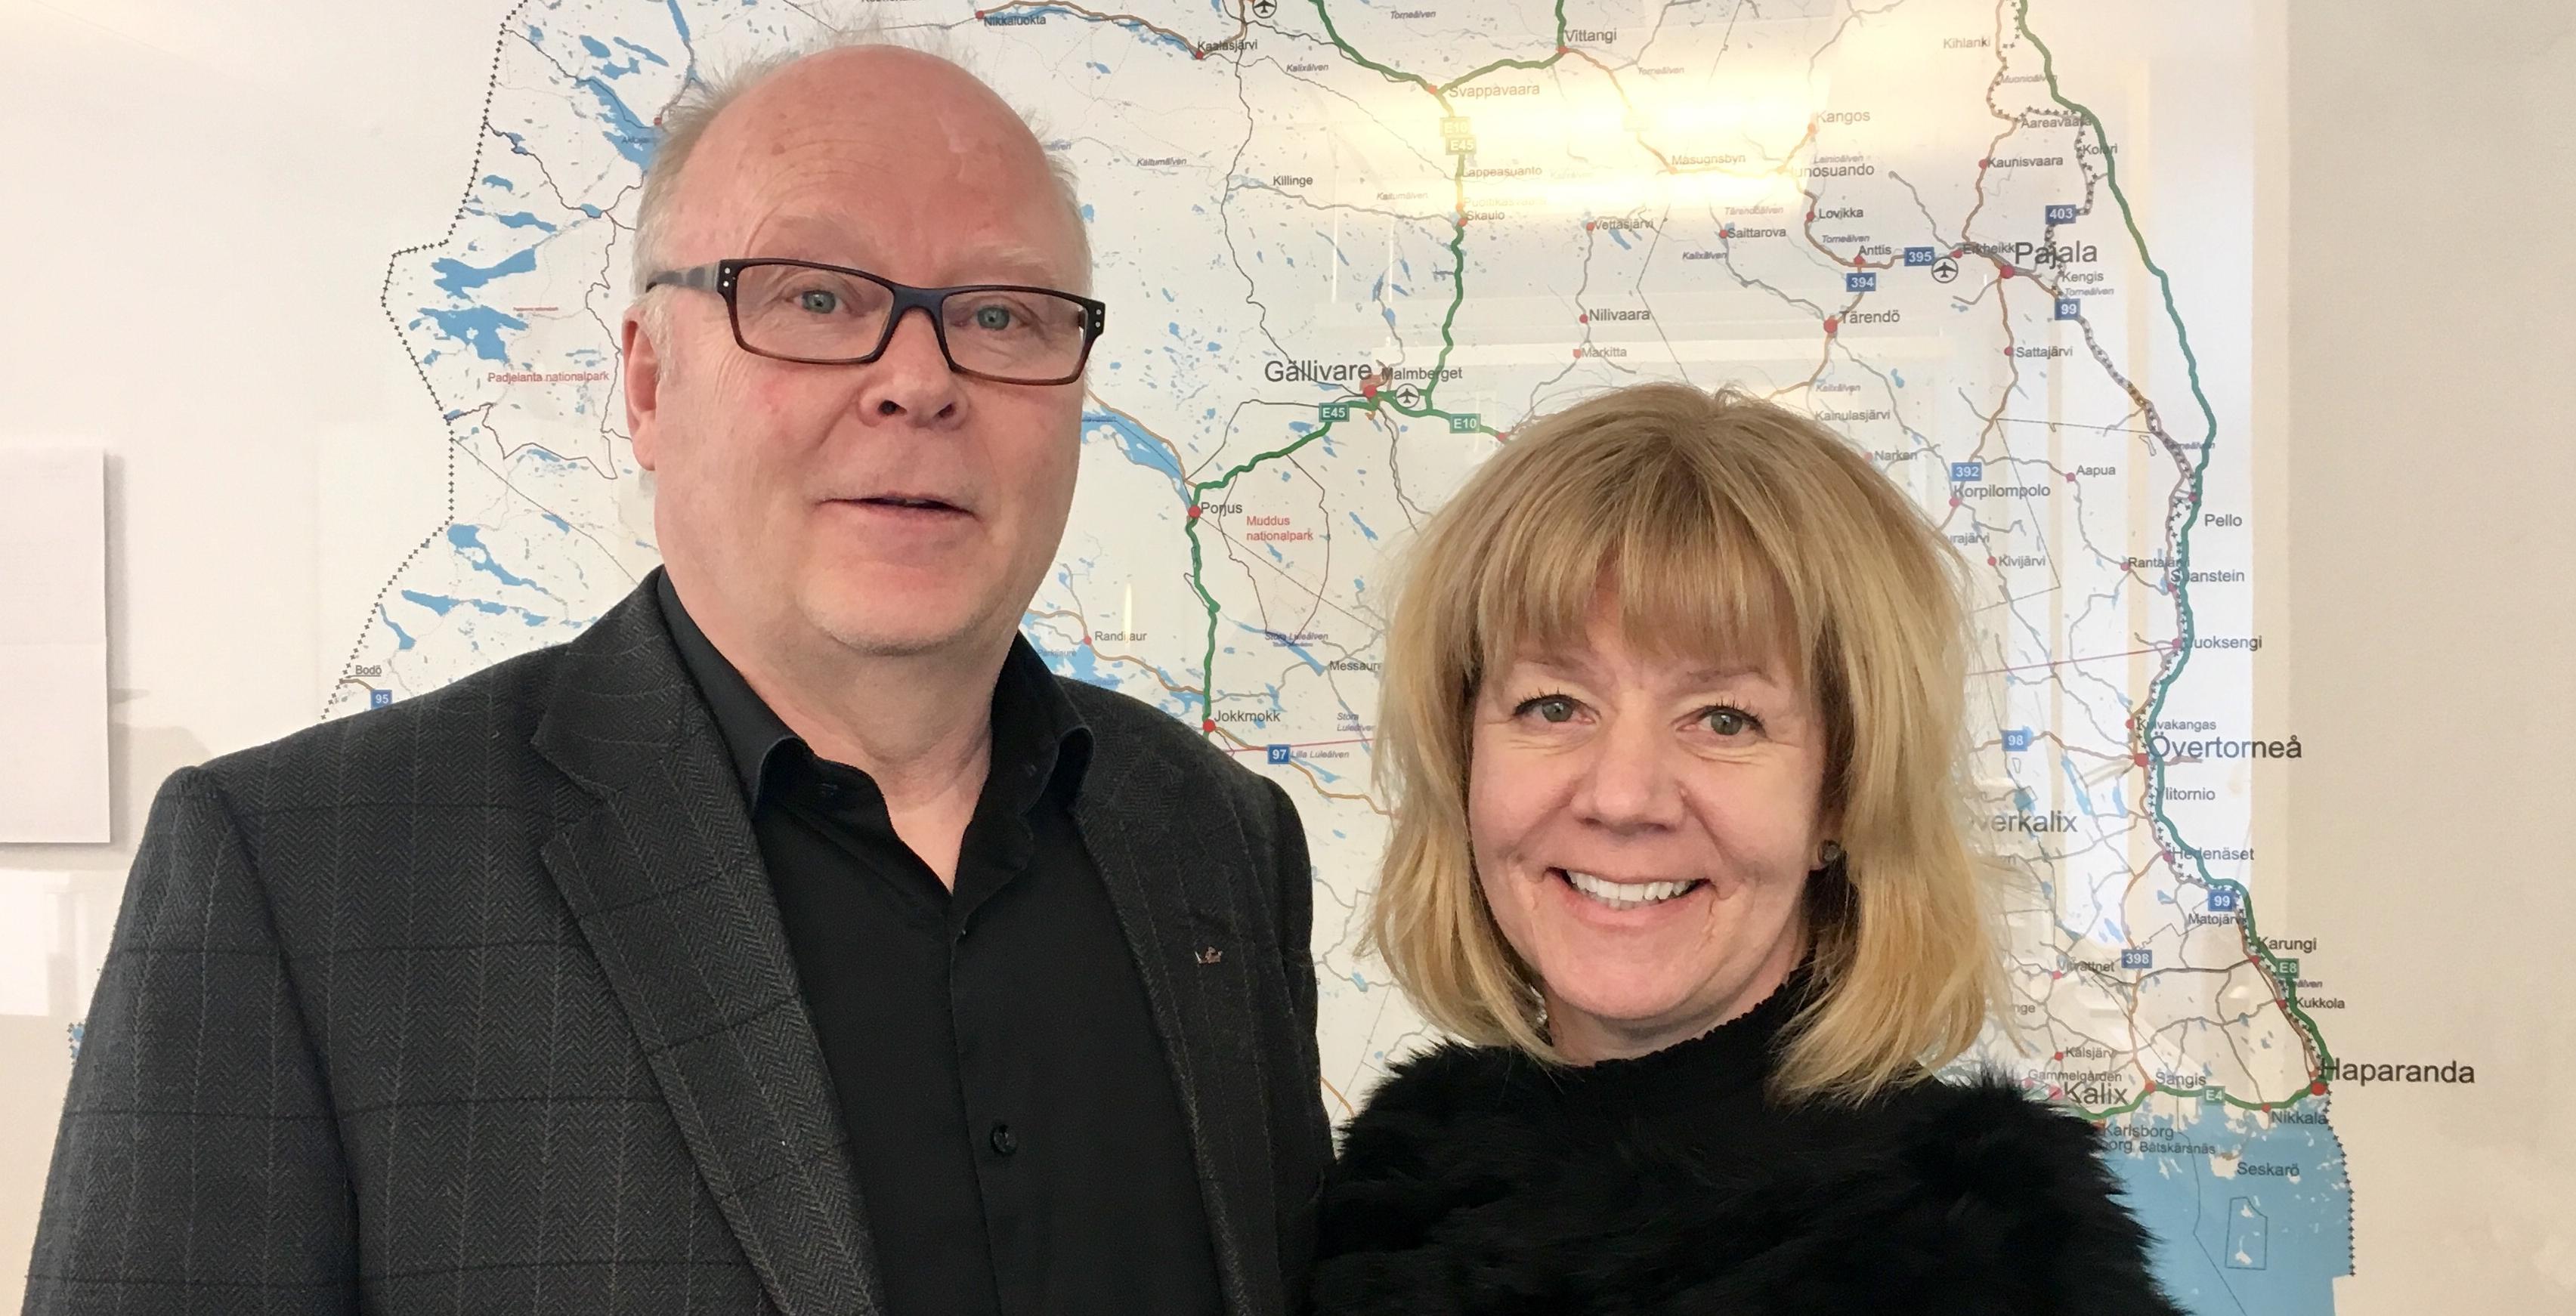 Robert och Linda webb